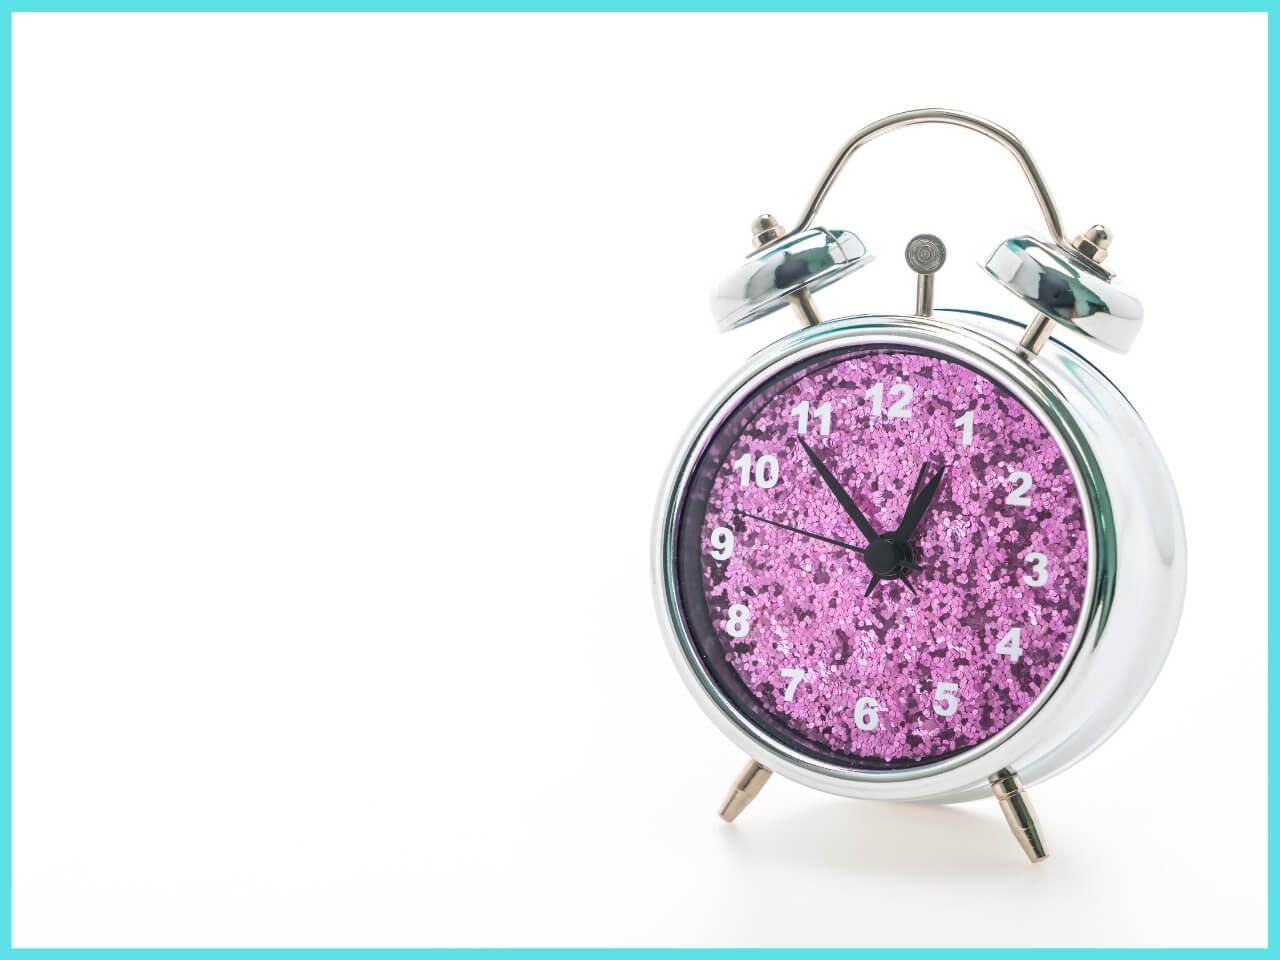 深夜0時54分をさす目覚まし時計